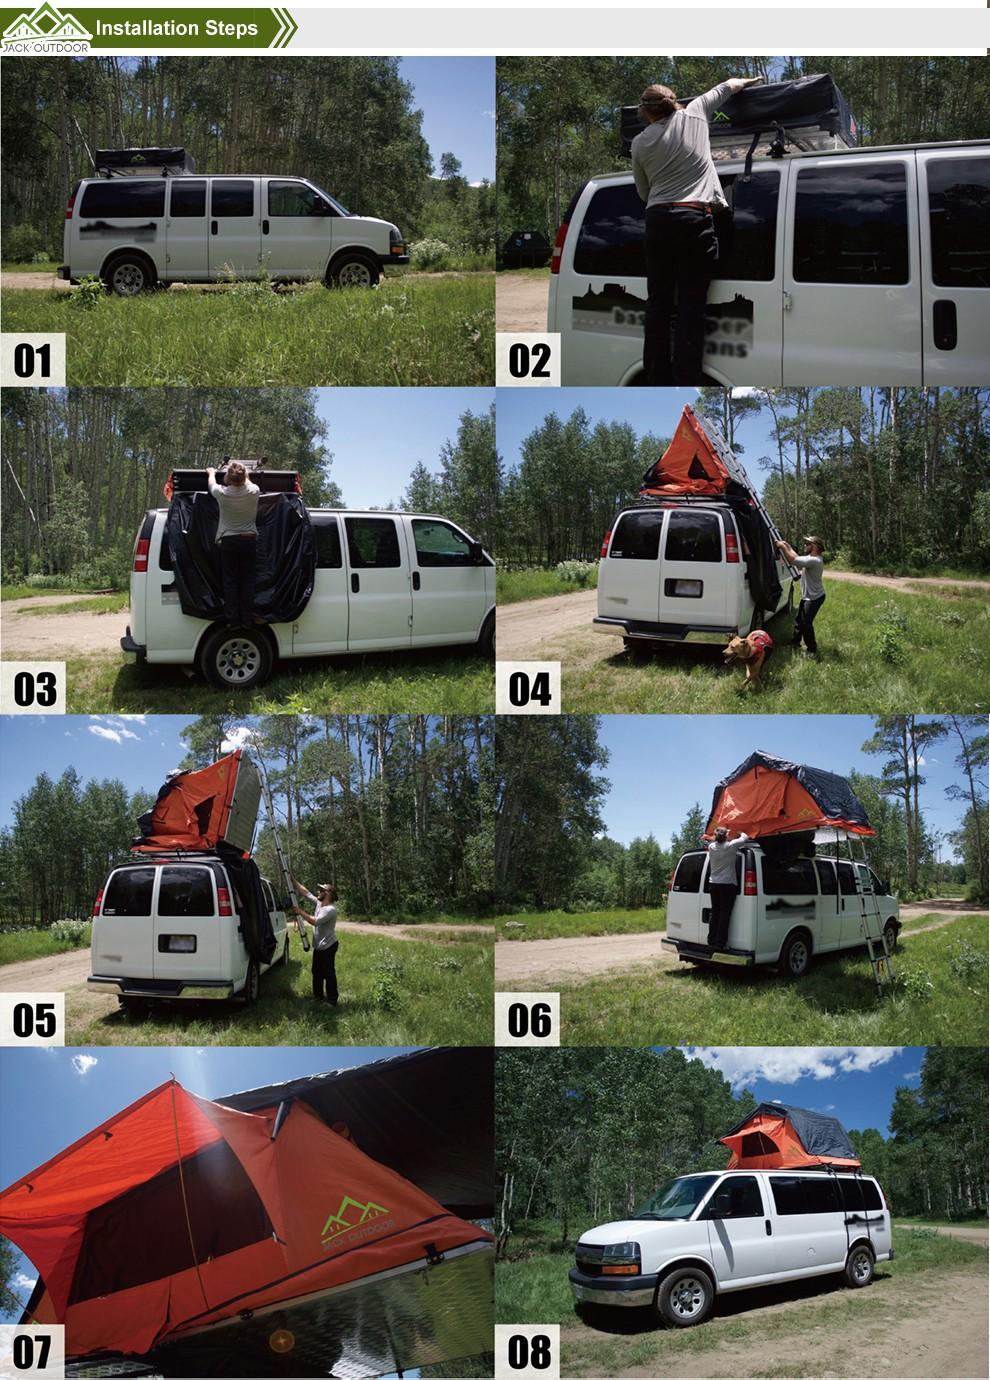 Hot Camping Equipment Outdoor Travel Camper Van Car Tent